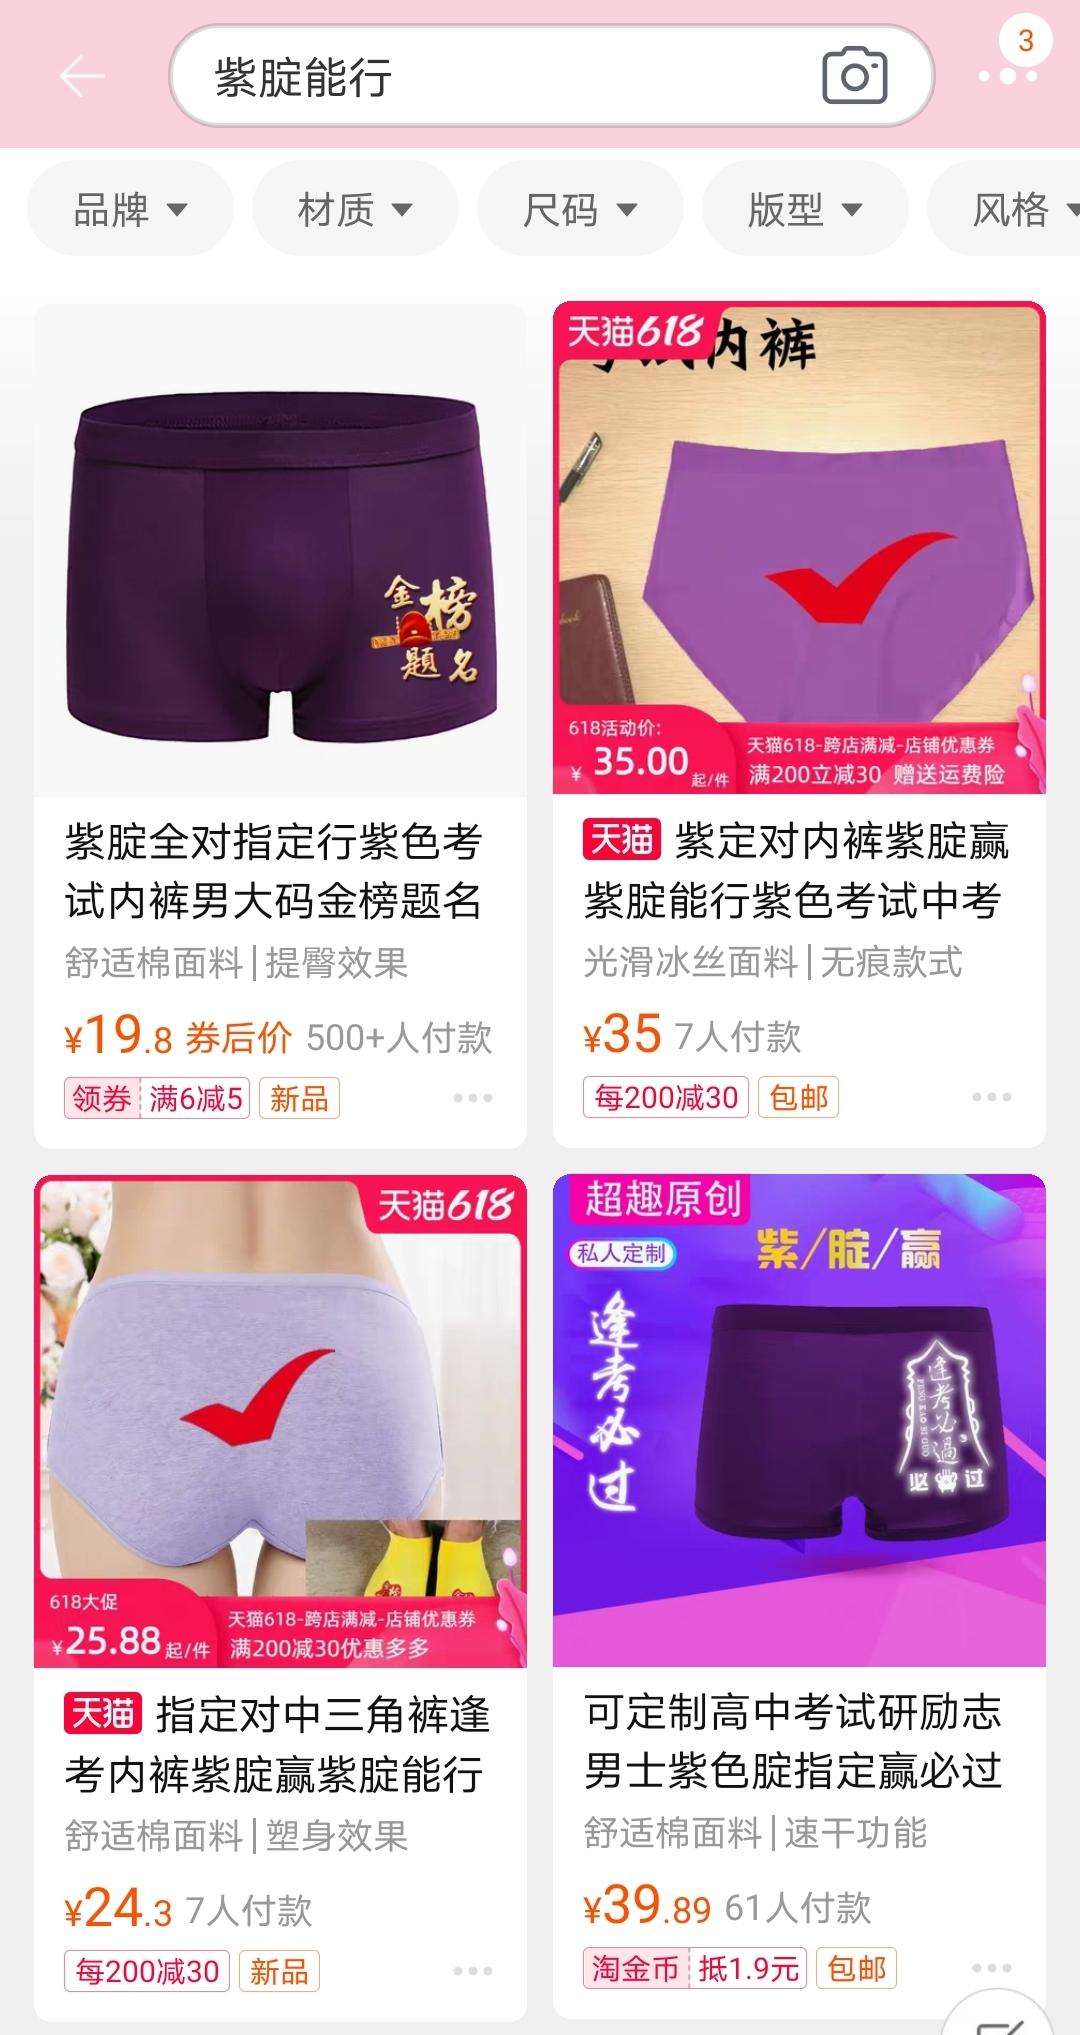 高考经济火了!紫色内裤卖疯,就因为这个梗